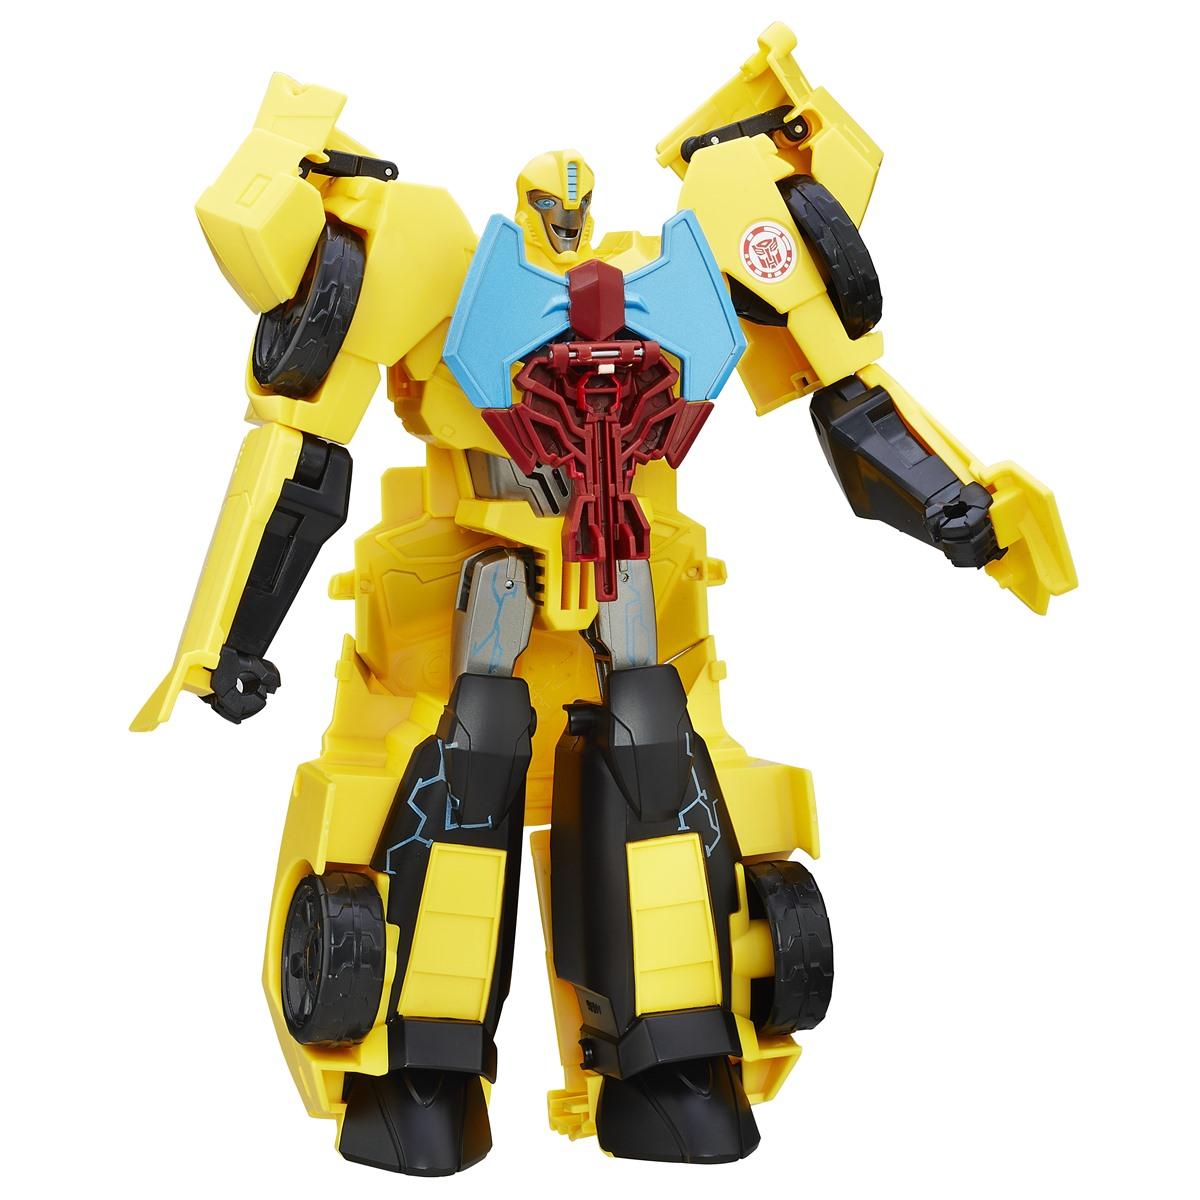 Transformers rid power heroes figur günstig online